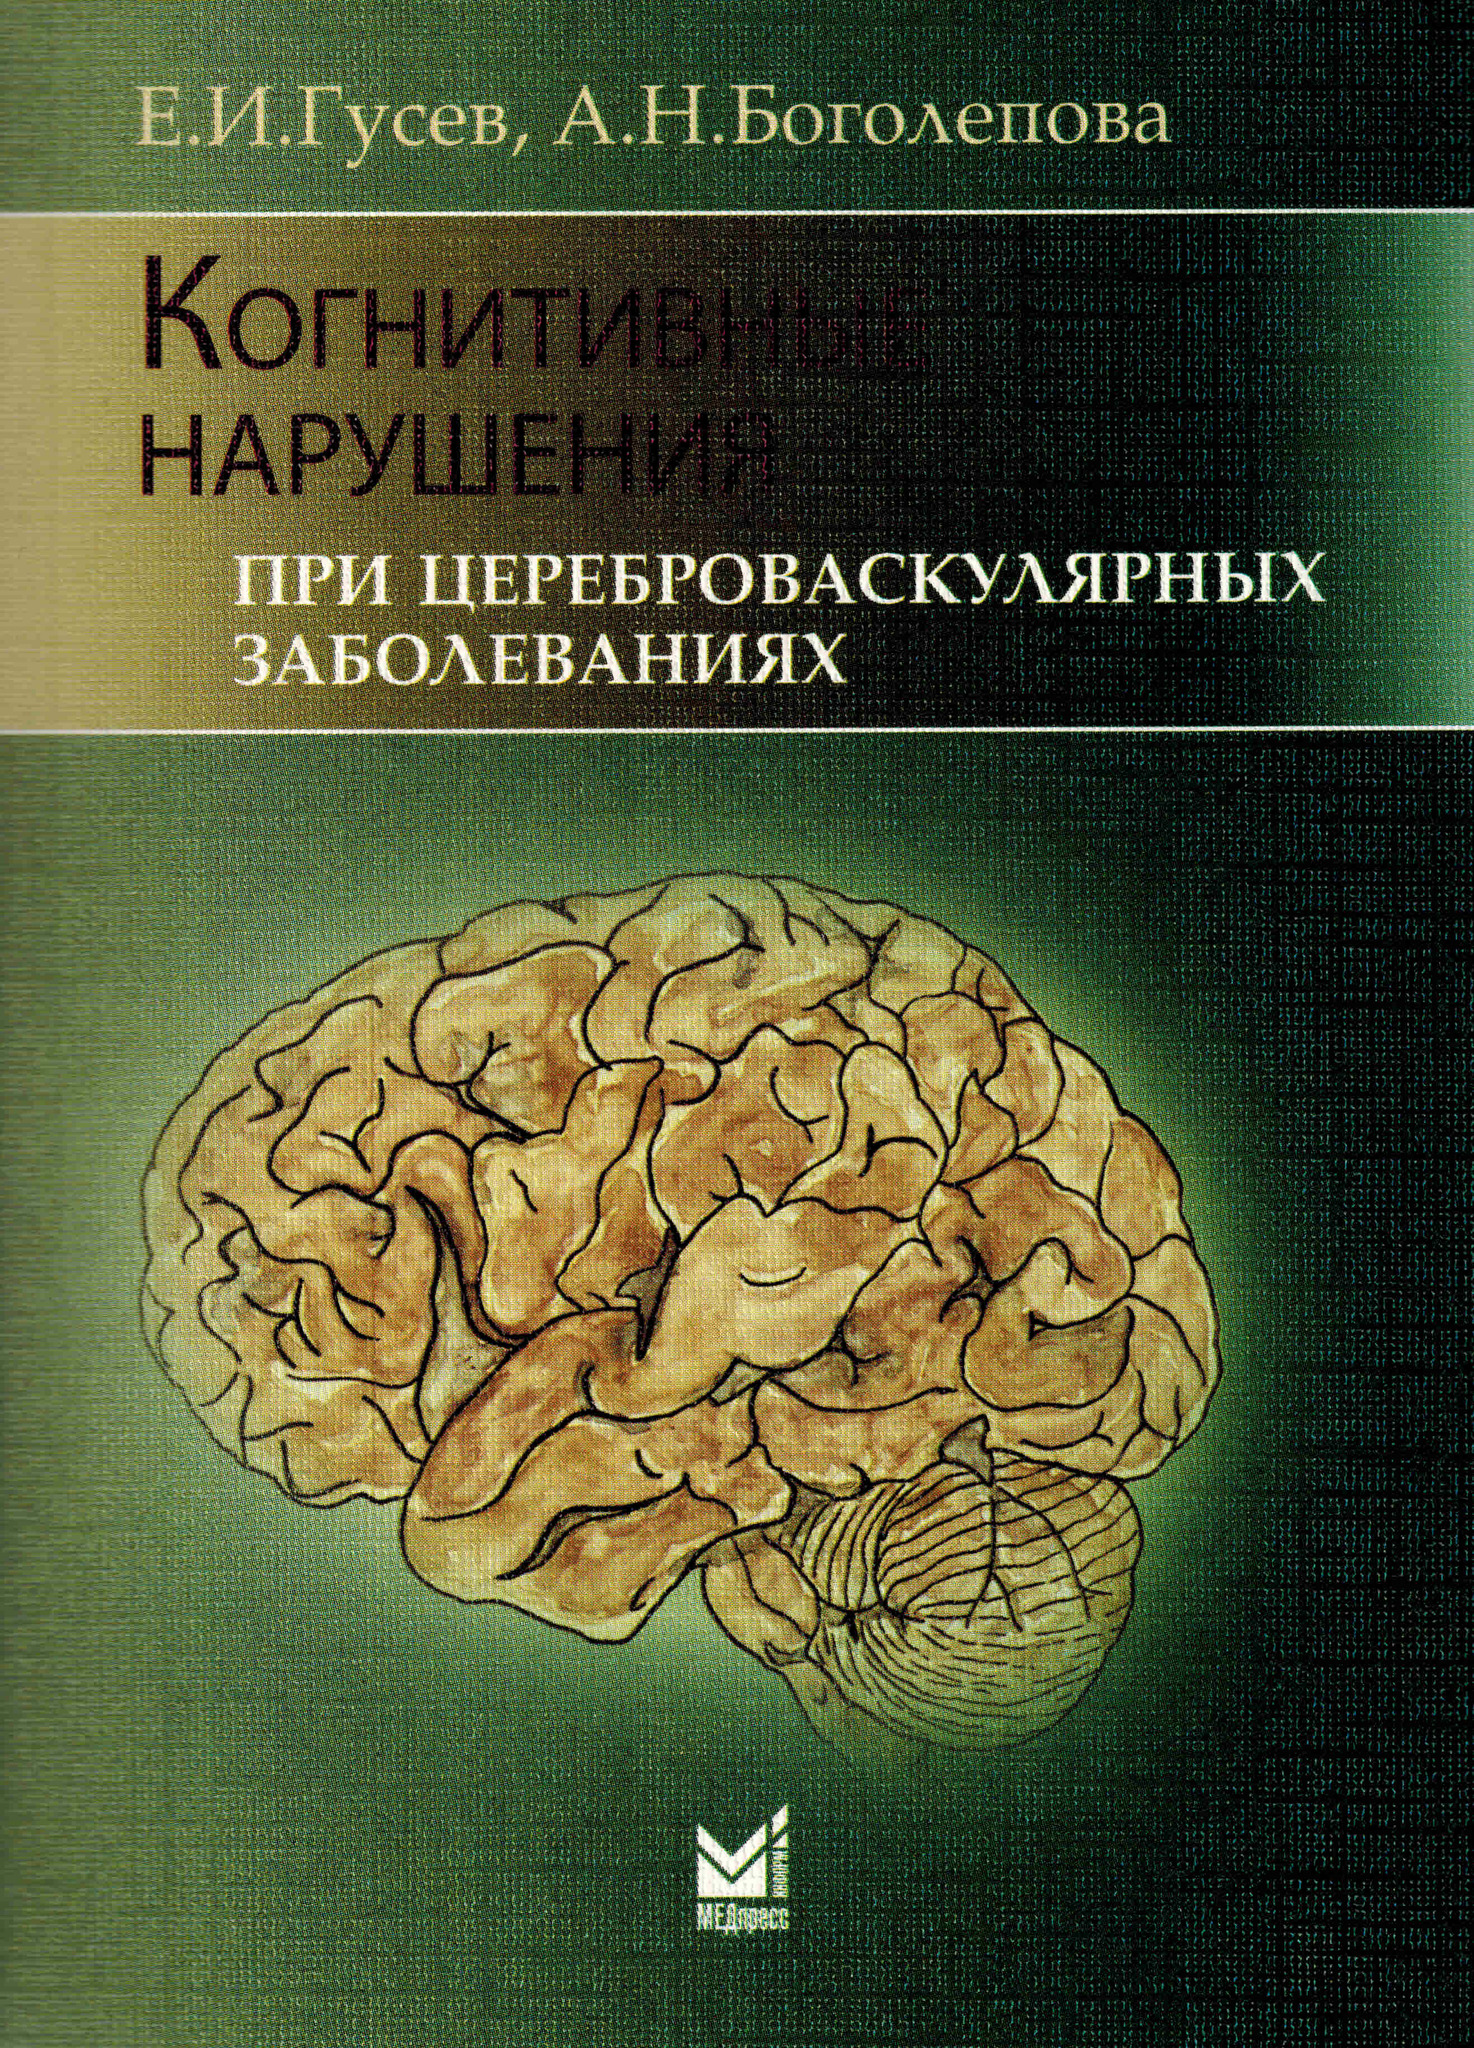 Нейро Когнитивные нарушения при цереброваскулярных заболеваниях kogn_nar_pri_cerebr_zab_0001.jpg